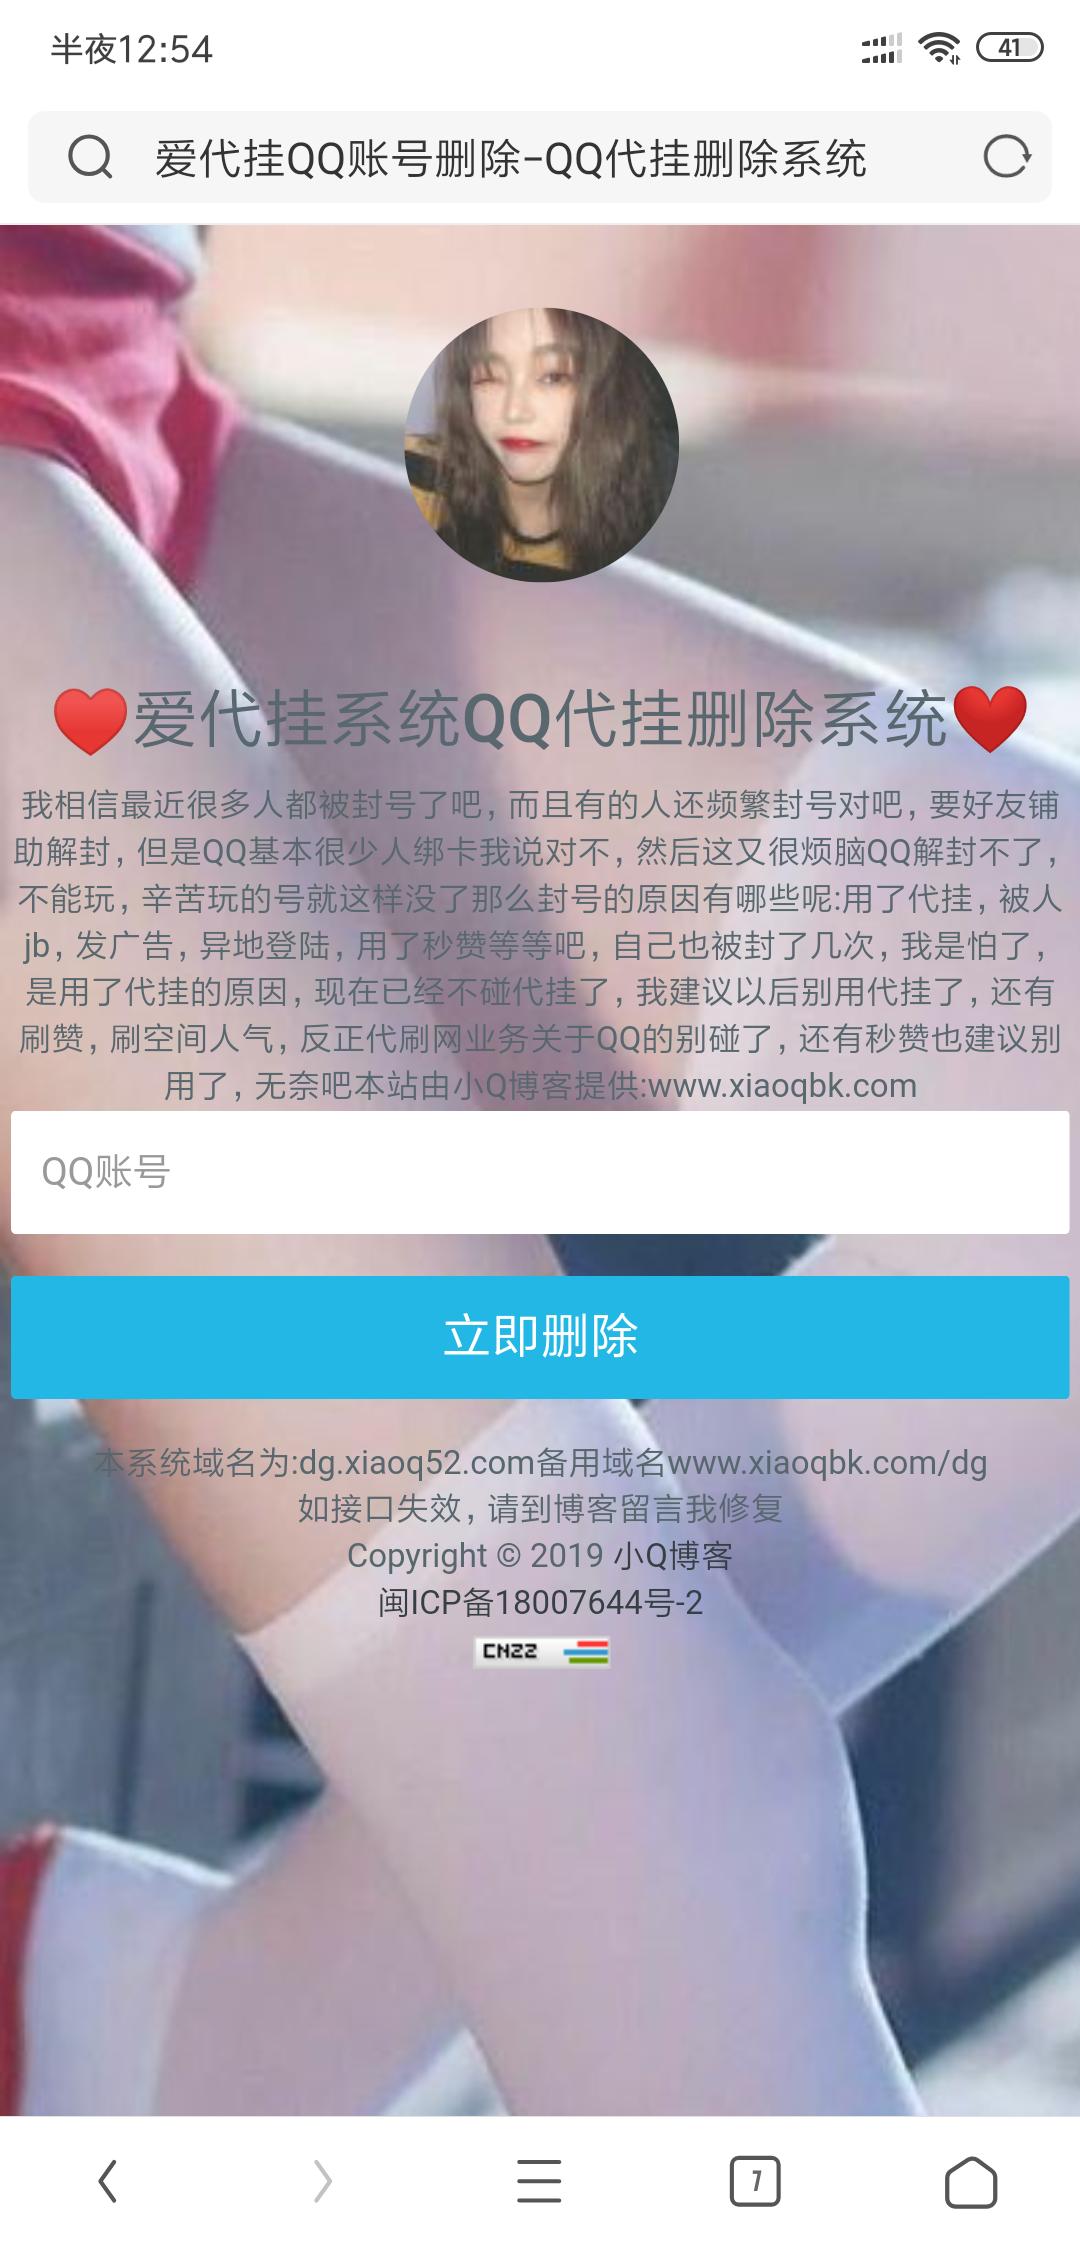 爱代挂QQ删除系统源码发布